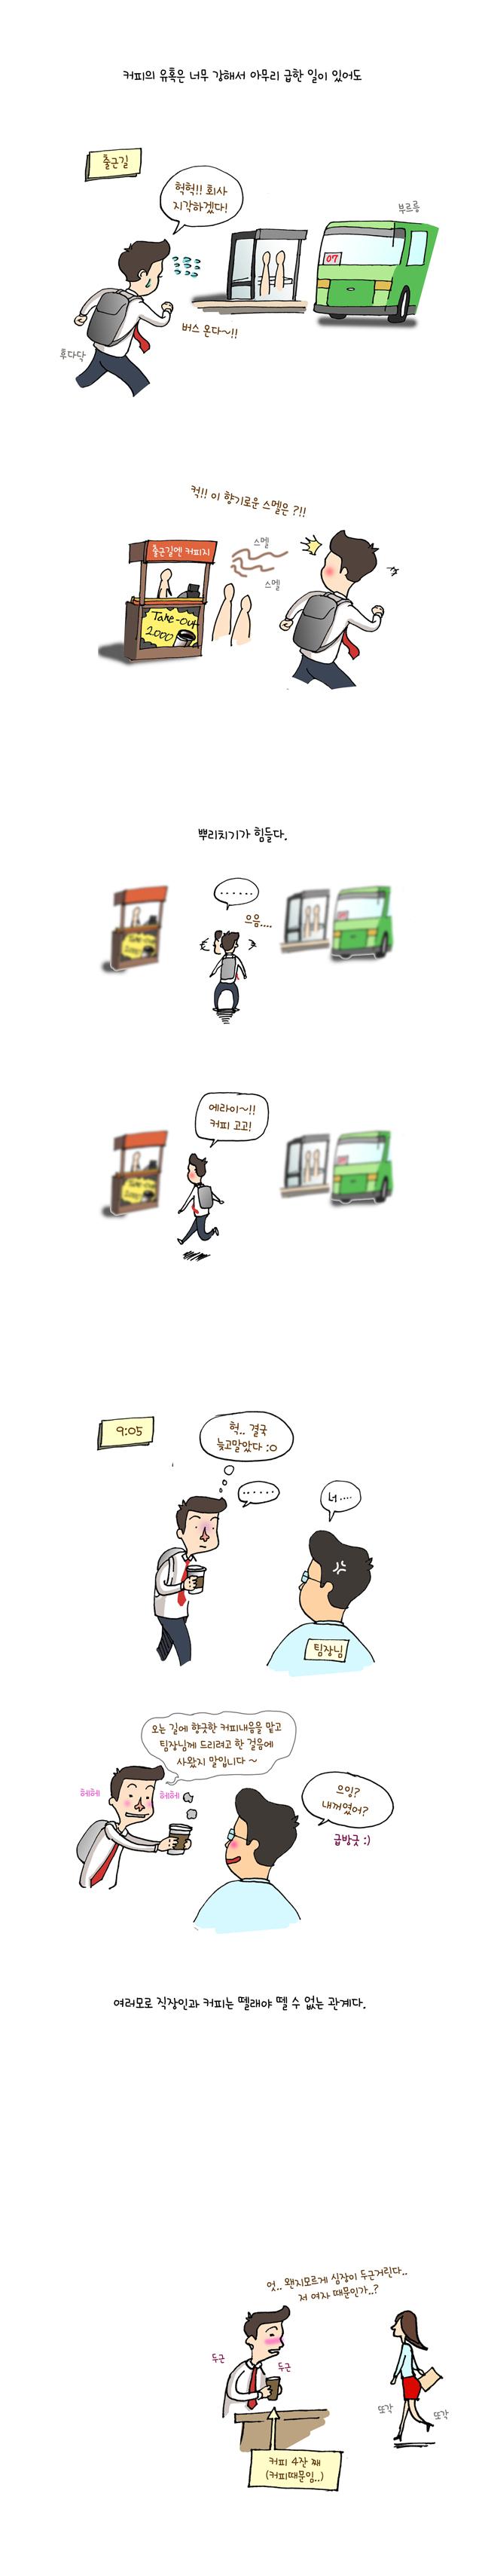 #(상황: 출근길 허겁지겁 버스를 타러 가는 주인공. 그러나 까페에서 나는 커피향기를 맡고 주춤이는 주인공. 이후, 버스와 커피사이에서 고민하다 커피를 사러가는 주인공) 나레이션 : 커피의 유혹은 너무 강해서 아무리 급한 일이 있어도 뿌리치기 힘들다. / 주인공 : 헉! 회사 지각하겠다. 응? 이 향기로운 냄새는? 에라이 커피 고고~! #(상황 : 결국 지각을 한 주인공. 팀장님한테 걸리자 사 온 커피를 팀장님께 드려서 상황을 무마시키는 주인공) 주인공 : 헉.. 결국 늦고 말았다. 오는 길에 커피내음을 맡고 팀장님께 드리려고 한 걸음에 사왔습니다. / 팀장님 : 으잉? 내꺼였어? 급 방긋 / 나레이션 : 여러모로 직장인과 커피는 뗄래야 뗄 수 없는 관계다.